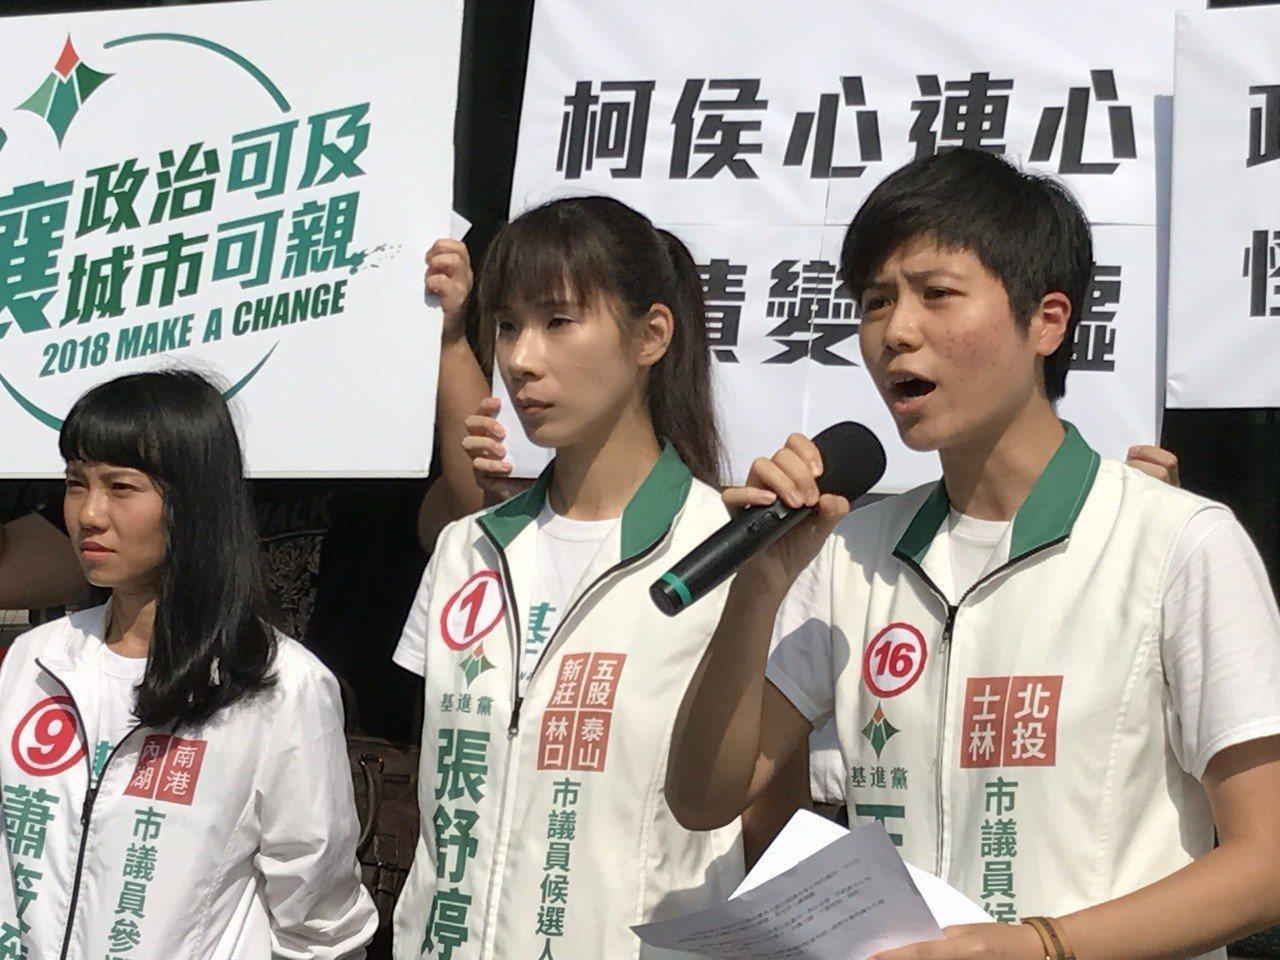 基進黨議員候選人王映心(右一)提告柯文哲志工妨害名譽。圖/報系資料照